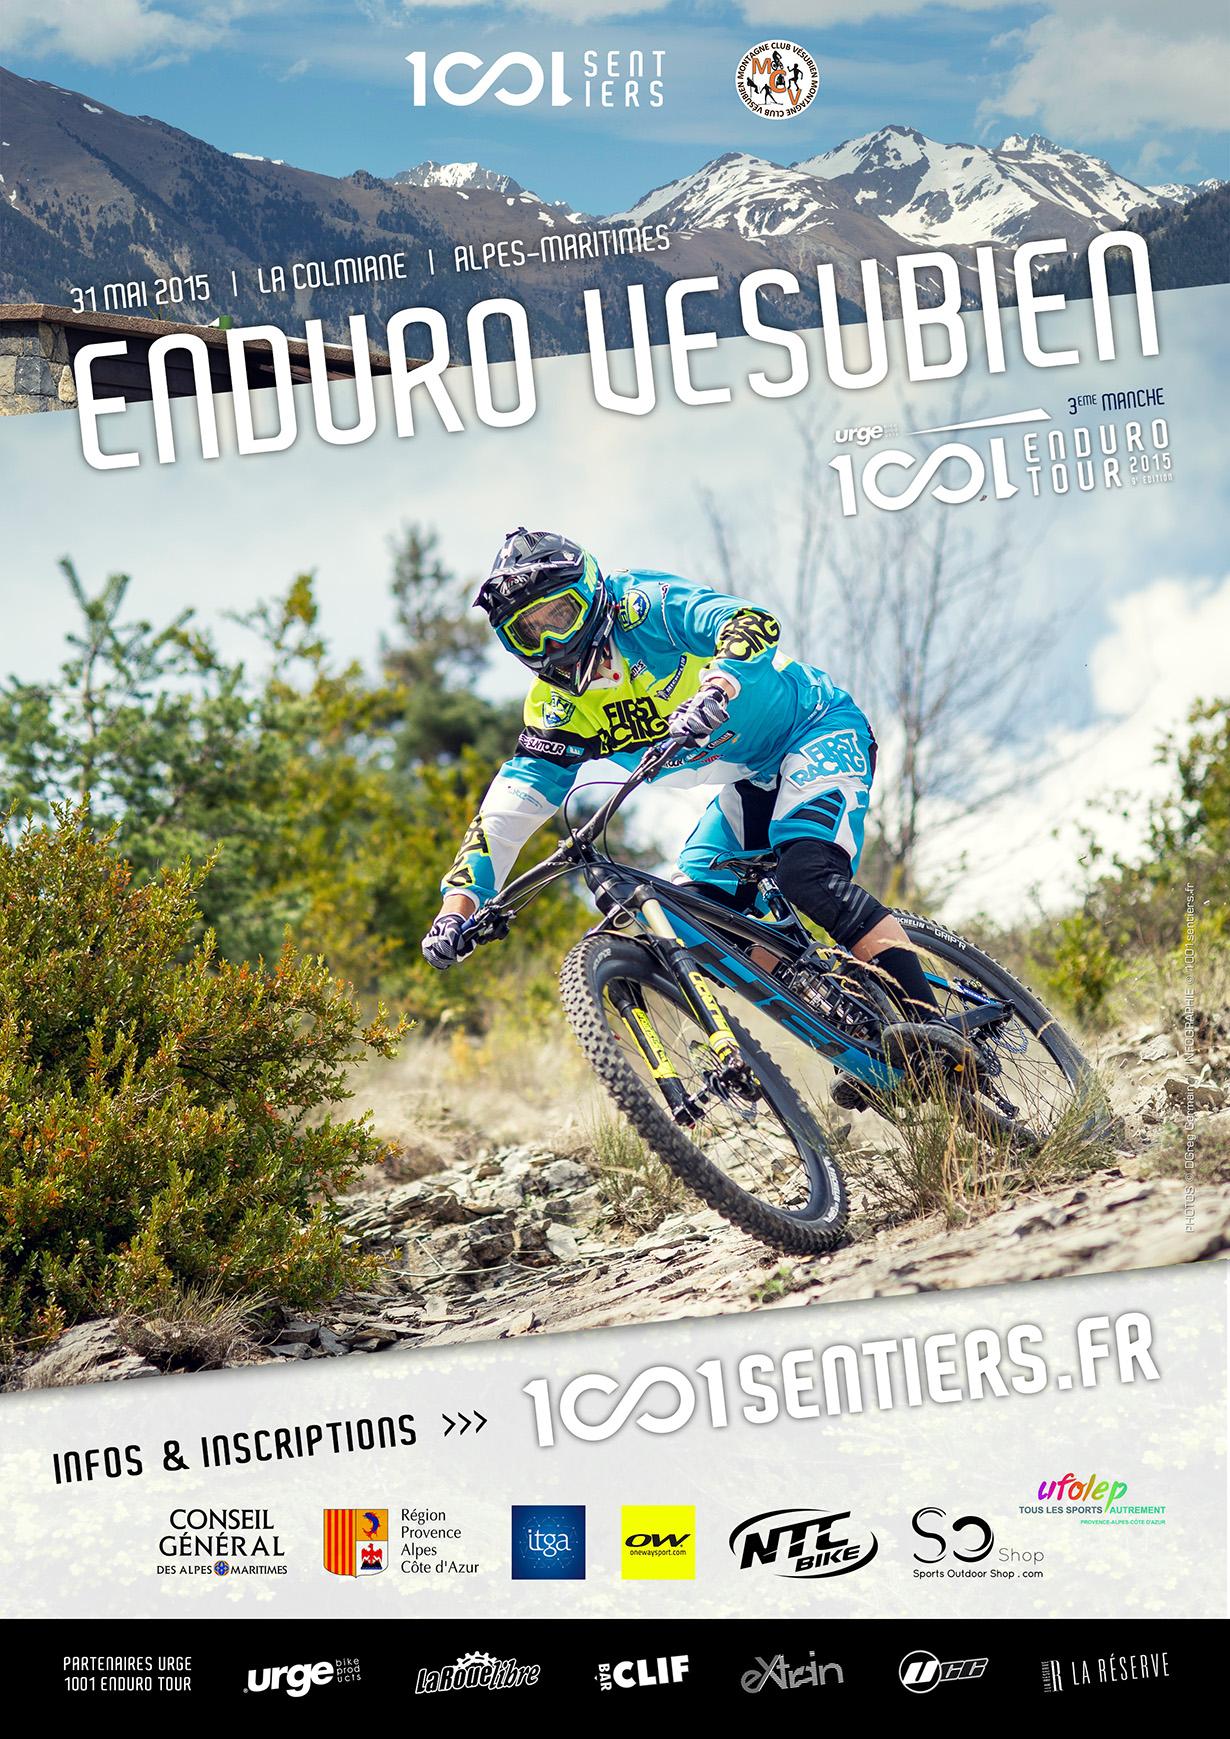 Affiche Enduro Vesubien 2015